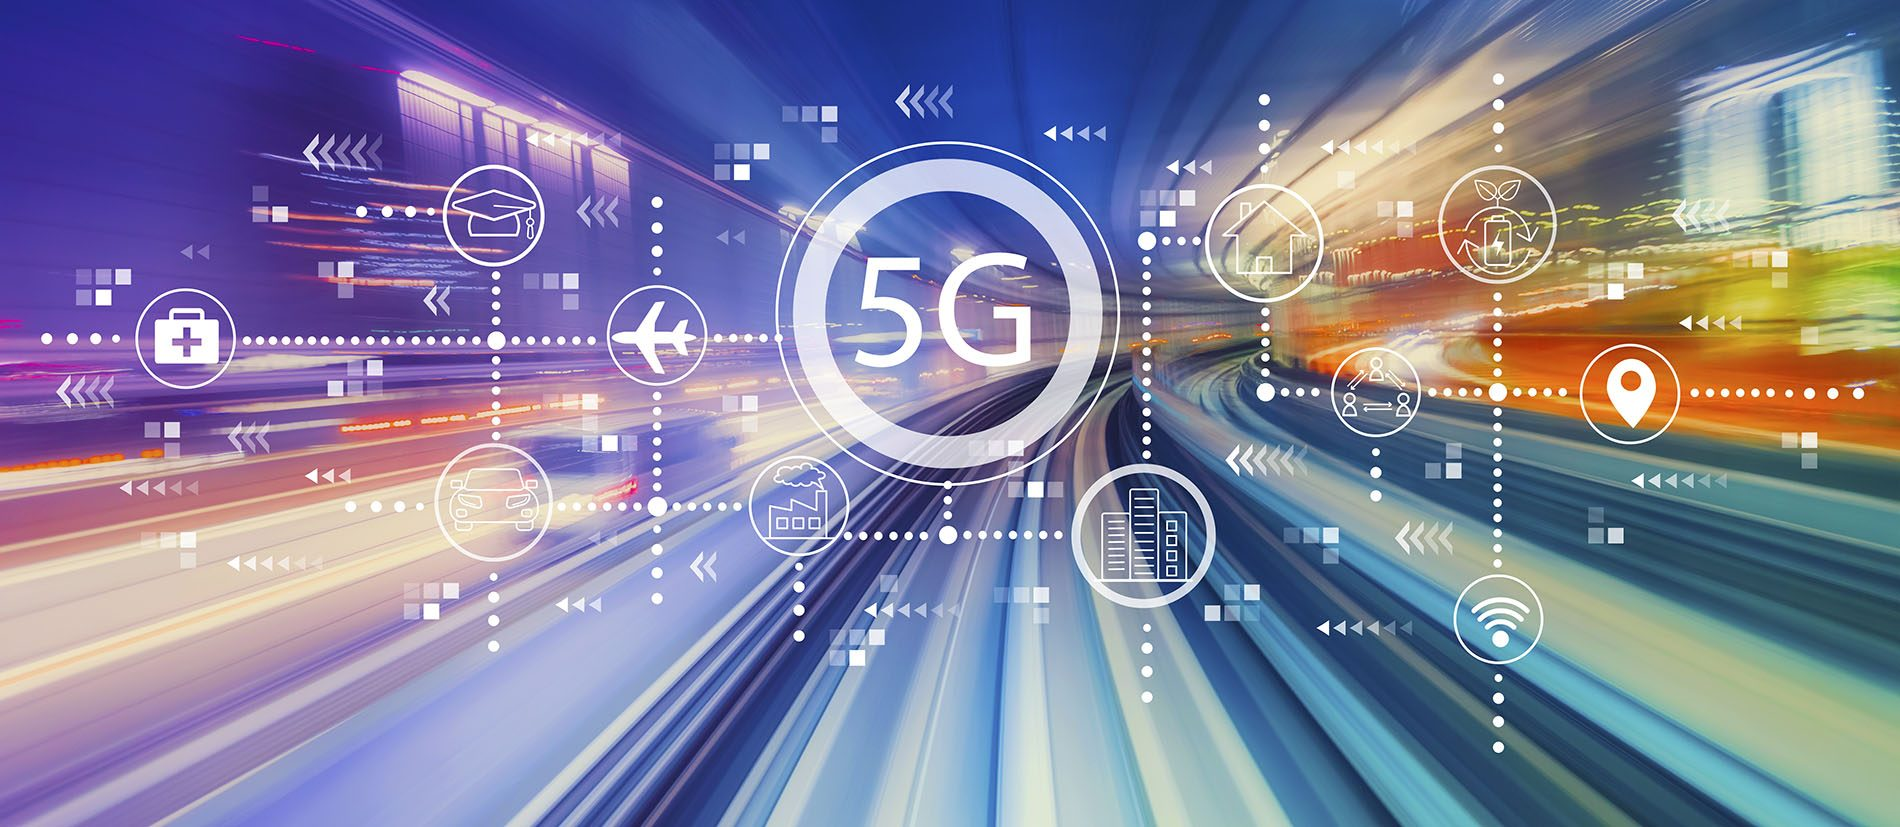 5g conectividad Aotec operadores locales